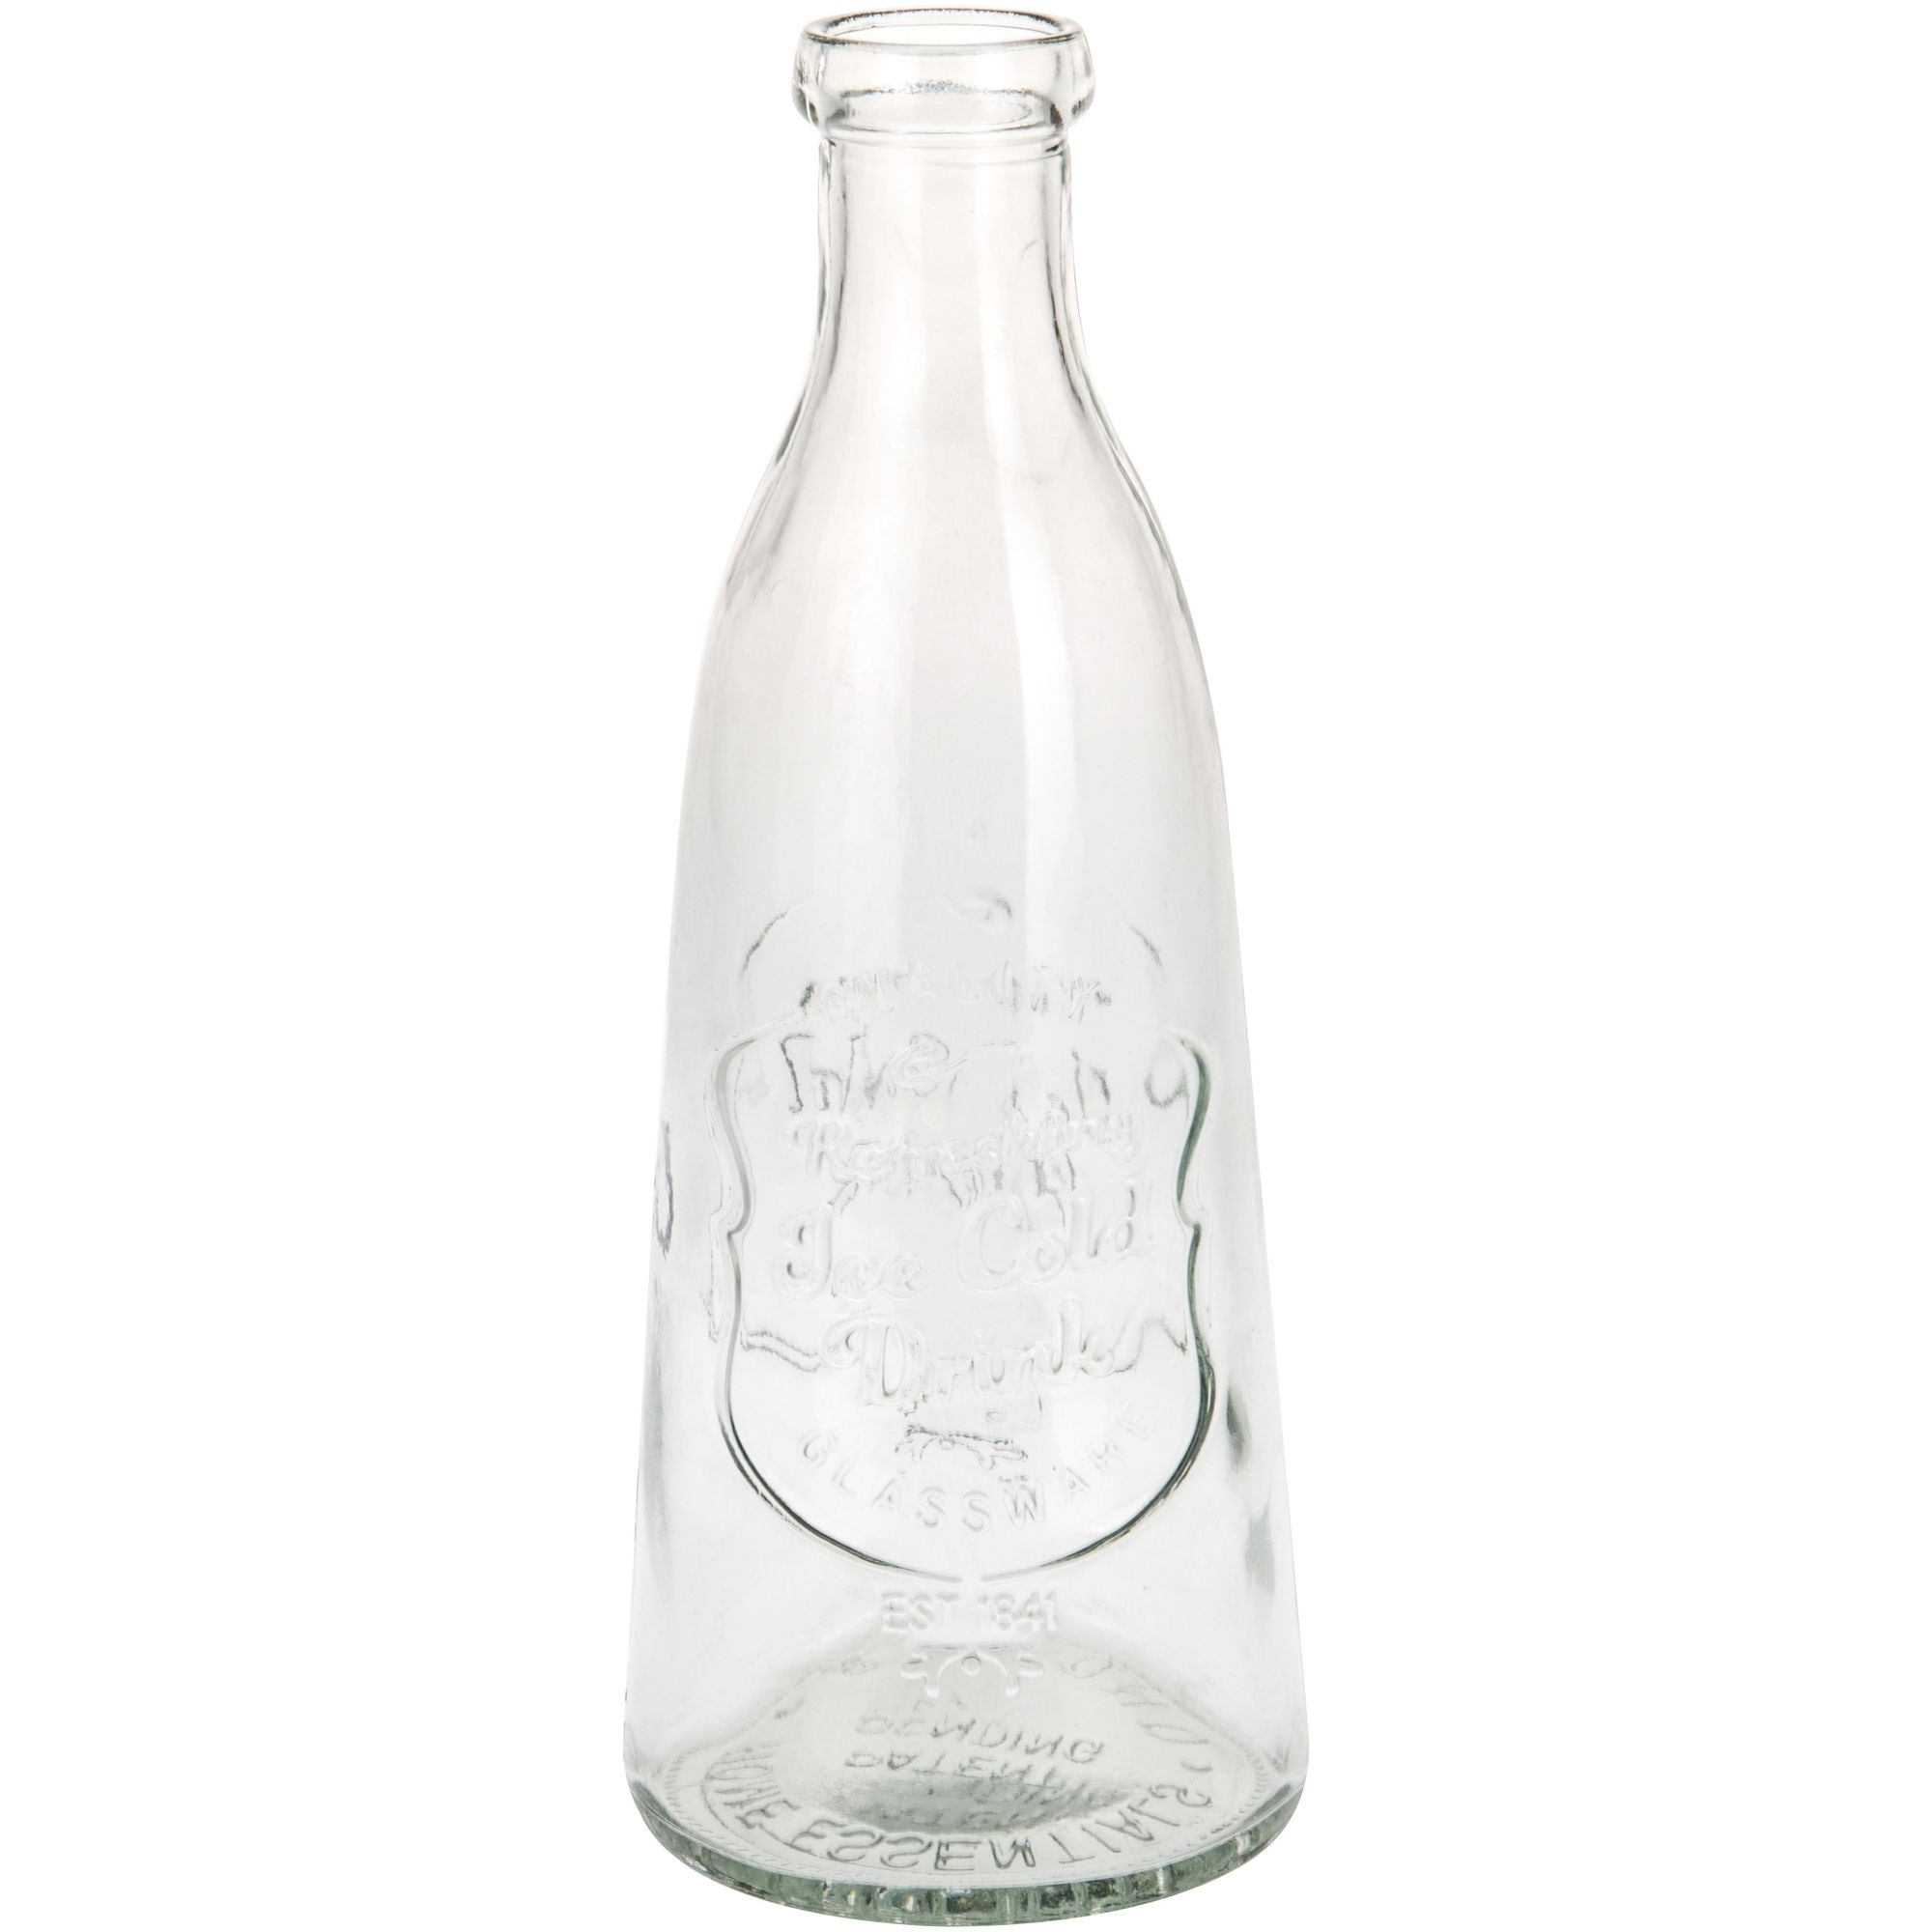 Бутылка 1 л.Бутылка бренда Экселлент Хаусвеар – это не просто емкость, которую можно наполнять любым жидким содержимым, но и стильный предмет интерьера.Просто и со вкусомДизайн бутылки позволяет подавать в ней напитки на стол. Внешние стенки посуды декорированы объемным рисунком. Универсальная в применении бутылка изготовлена из прочного стекла и имеет устойчивое дно со специальным ребристым краем. Большим плюсом является возможность многократного использования изделия. Бутылка отличается высокой устойчивостью ко многим повреждениям, легко очищается и не требует дополнительных затрат. Изделие станет практичным подарком для людей, которые занимаются созданием напитков в домашних условиях. Благодаря прямым поставкам магазина Cookhouse вы получаете выгодную цену на товар и гарантию на его качество.<br>